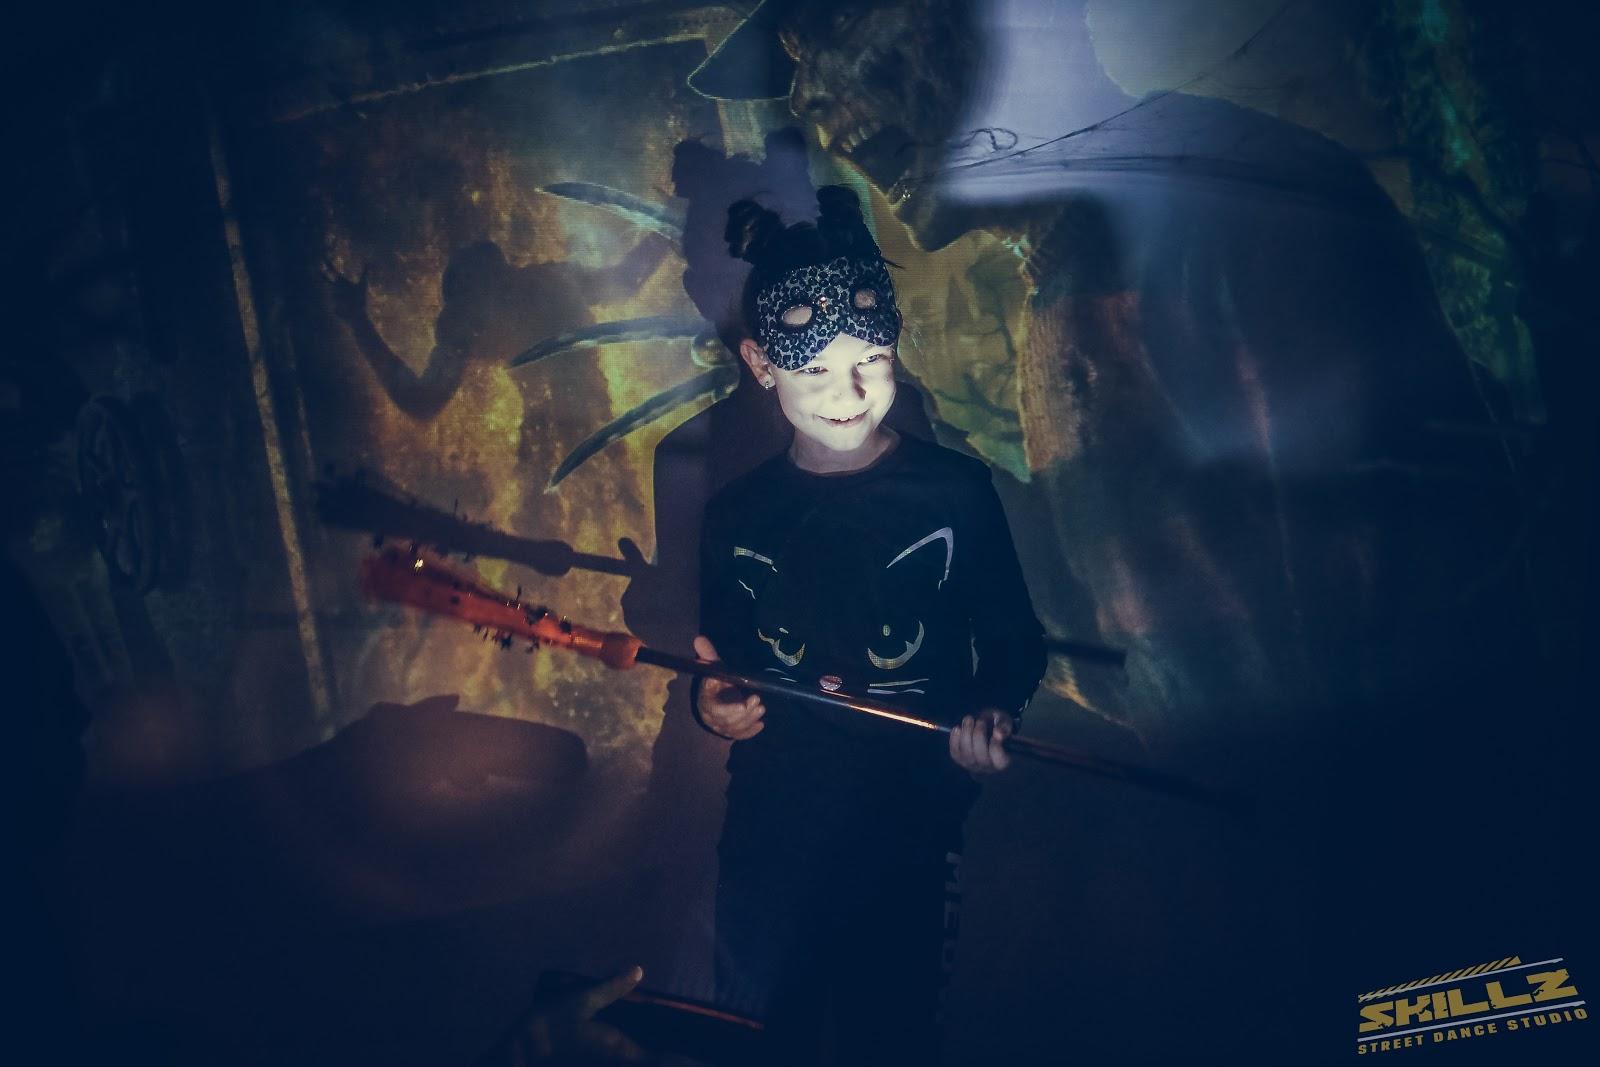 Naujikų krikštynos @SKILLZ (Halloween tema) - PANA1458.jpg